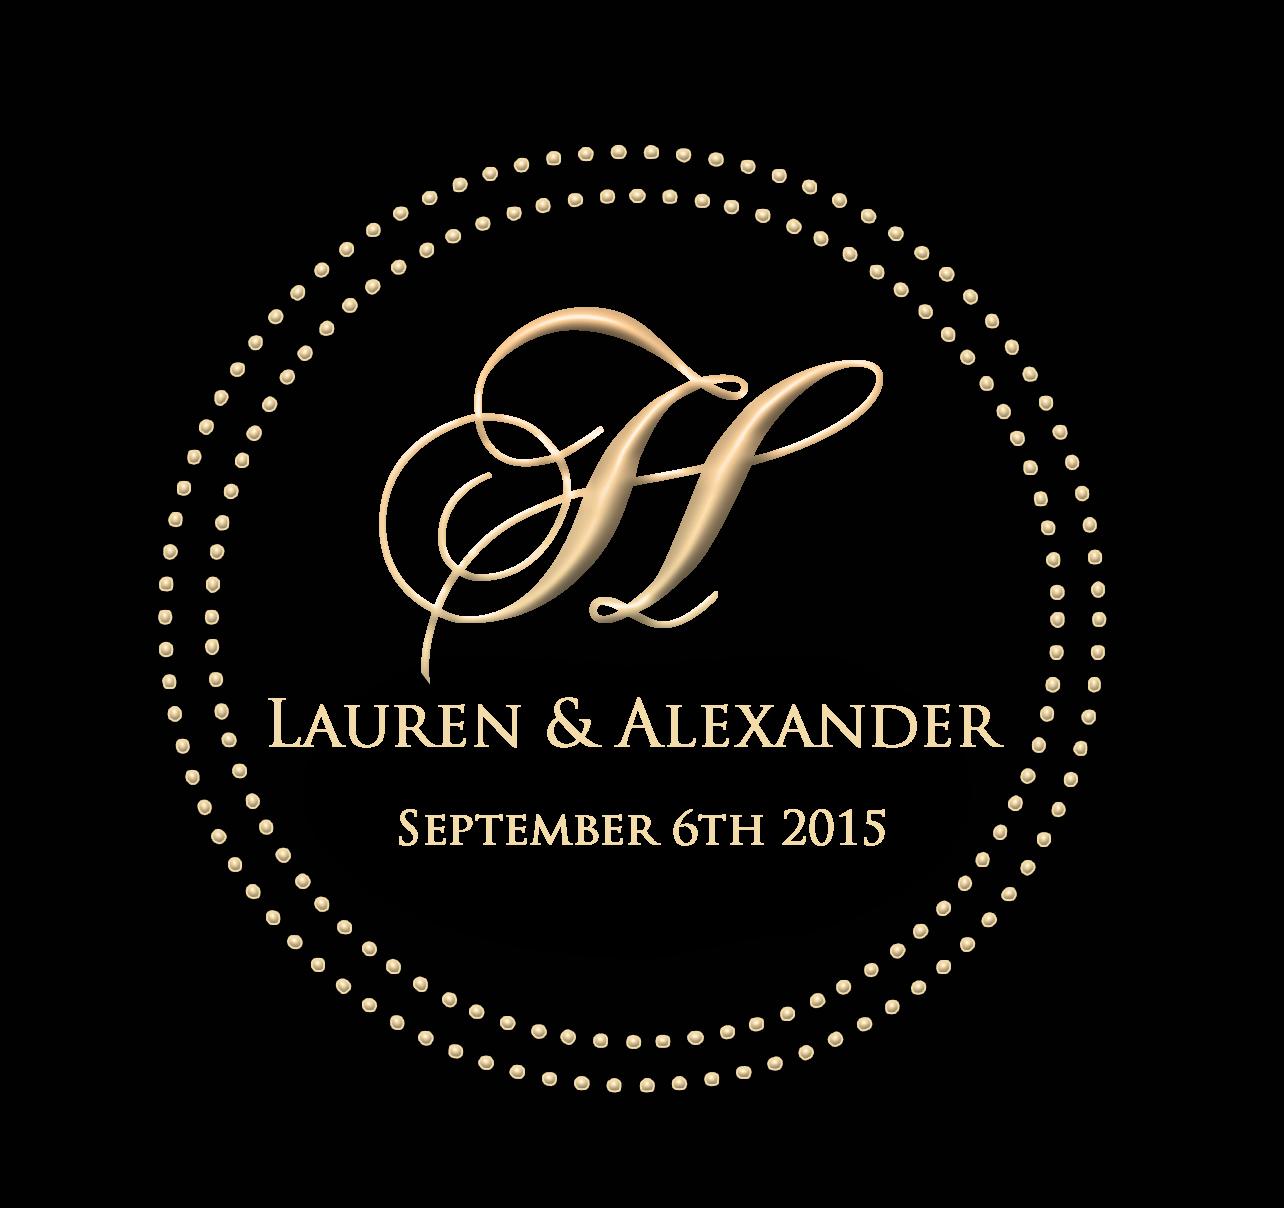 LAURENALEXANDER3.jpg